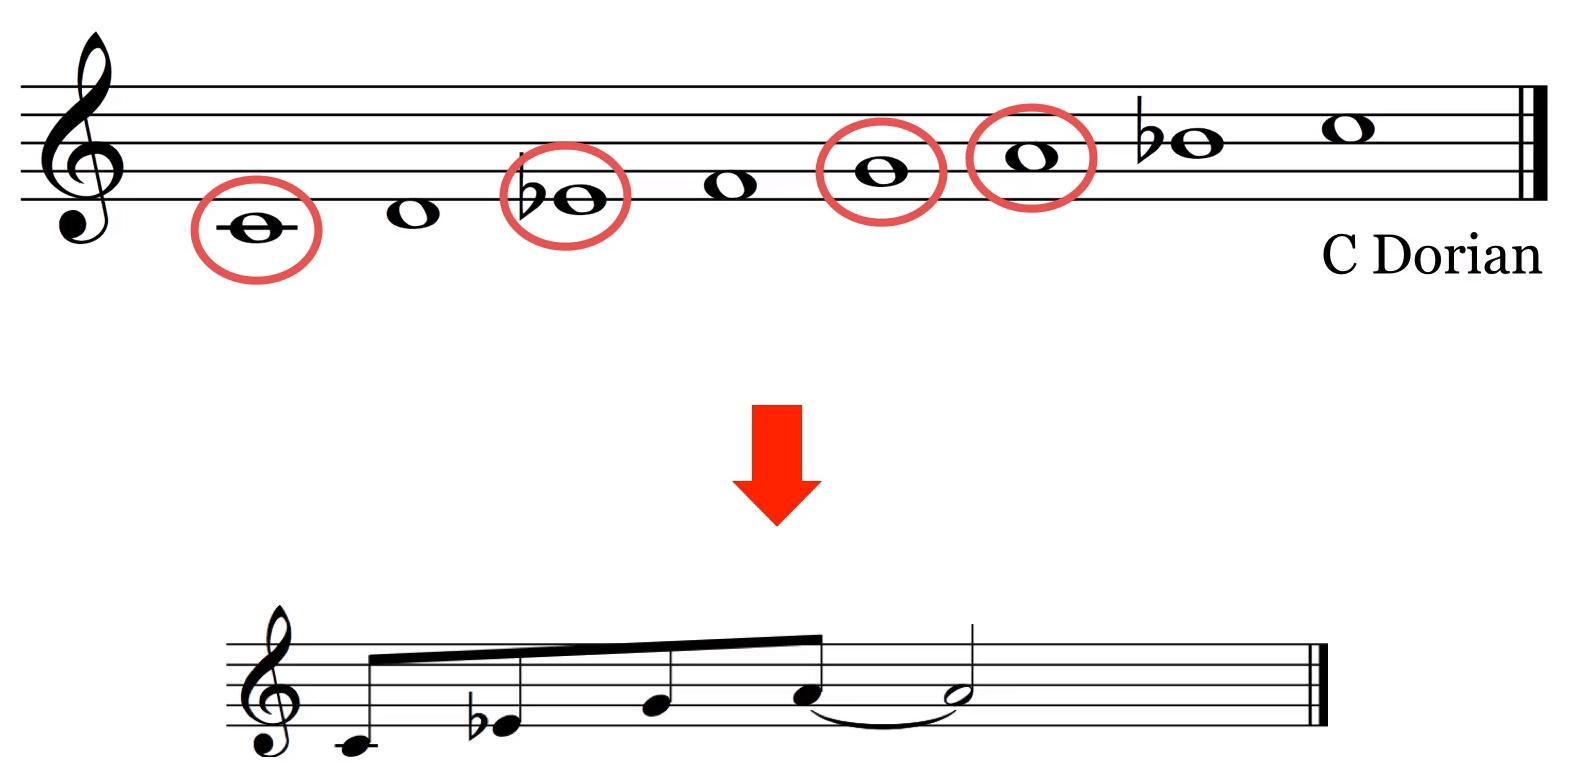 选几个音当成伴奏